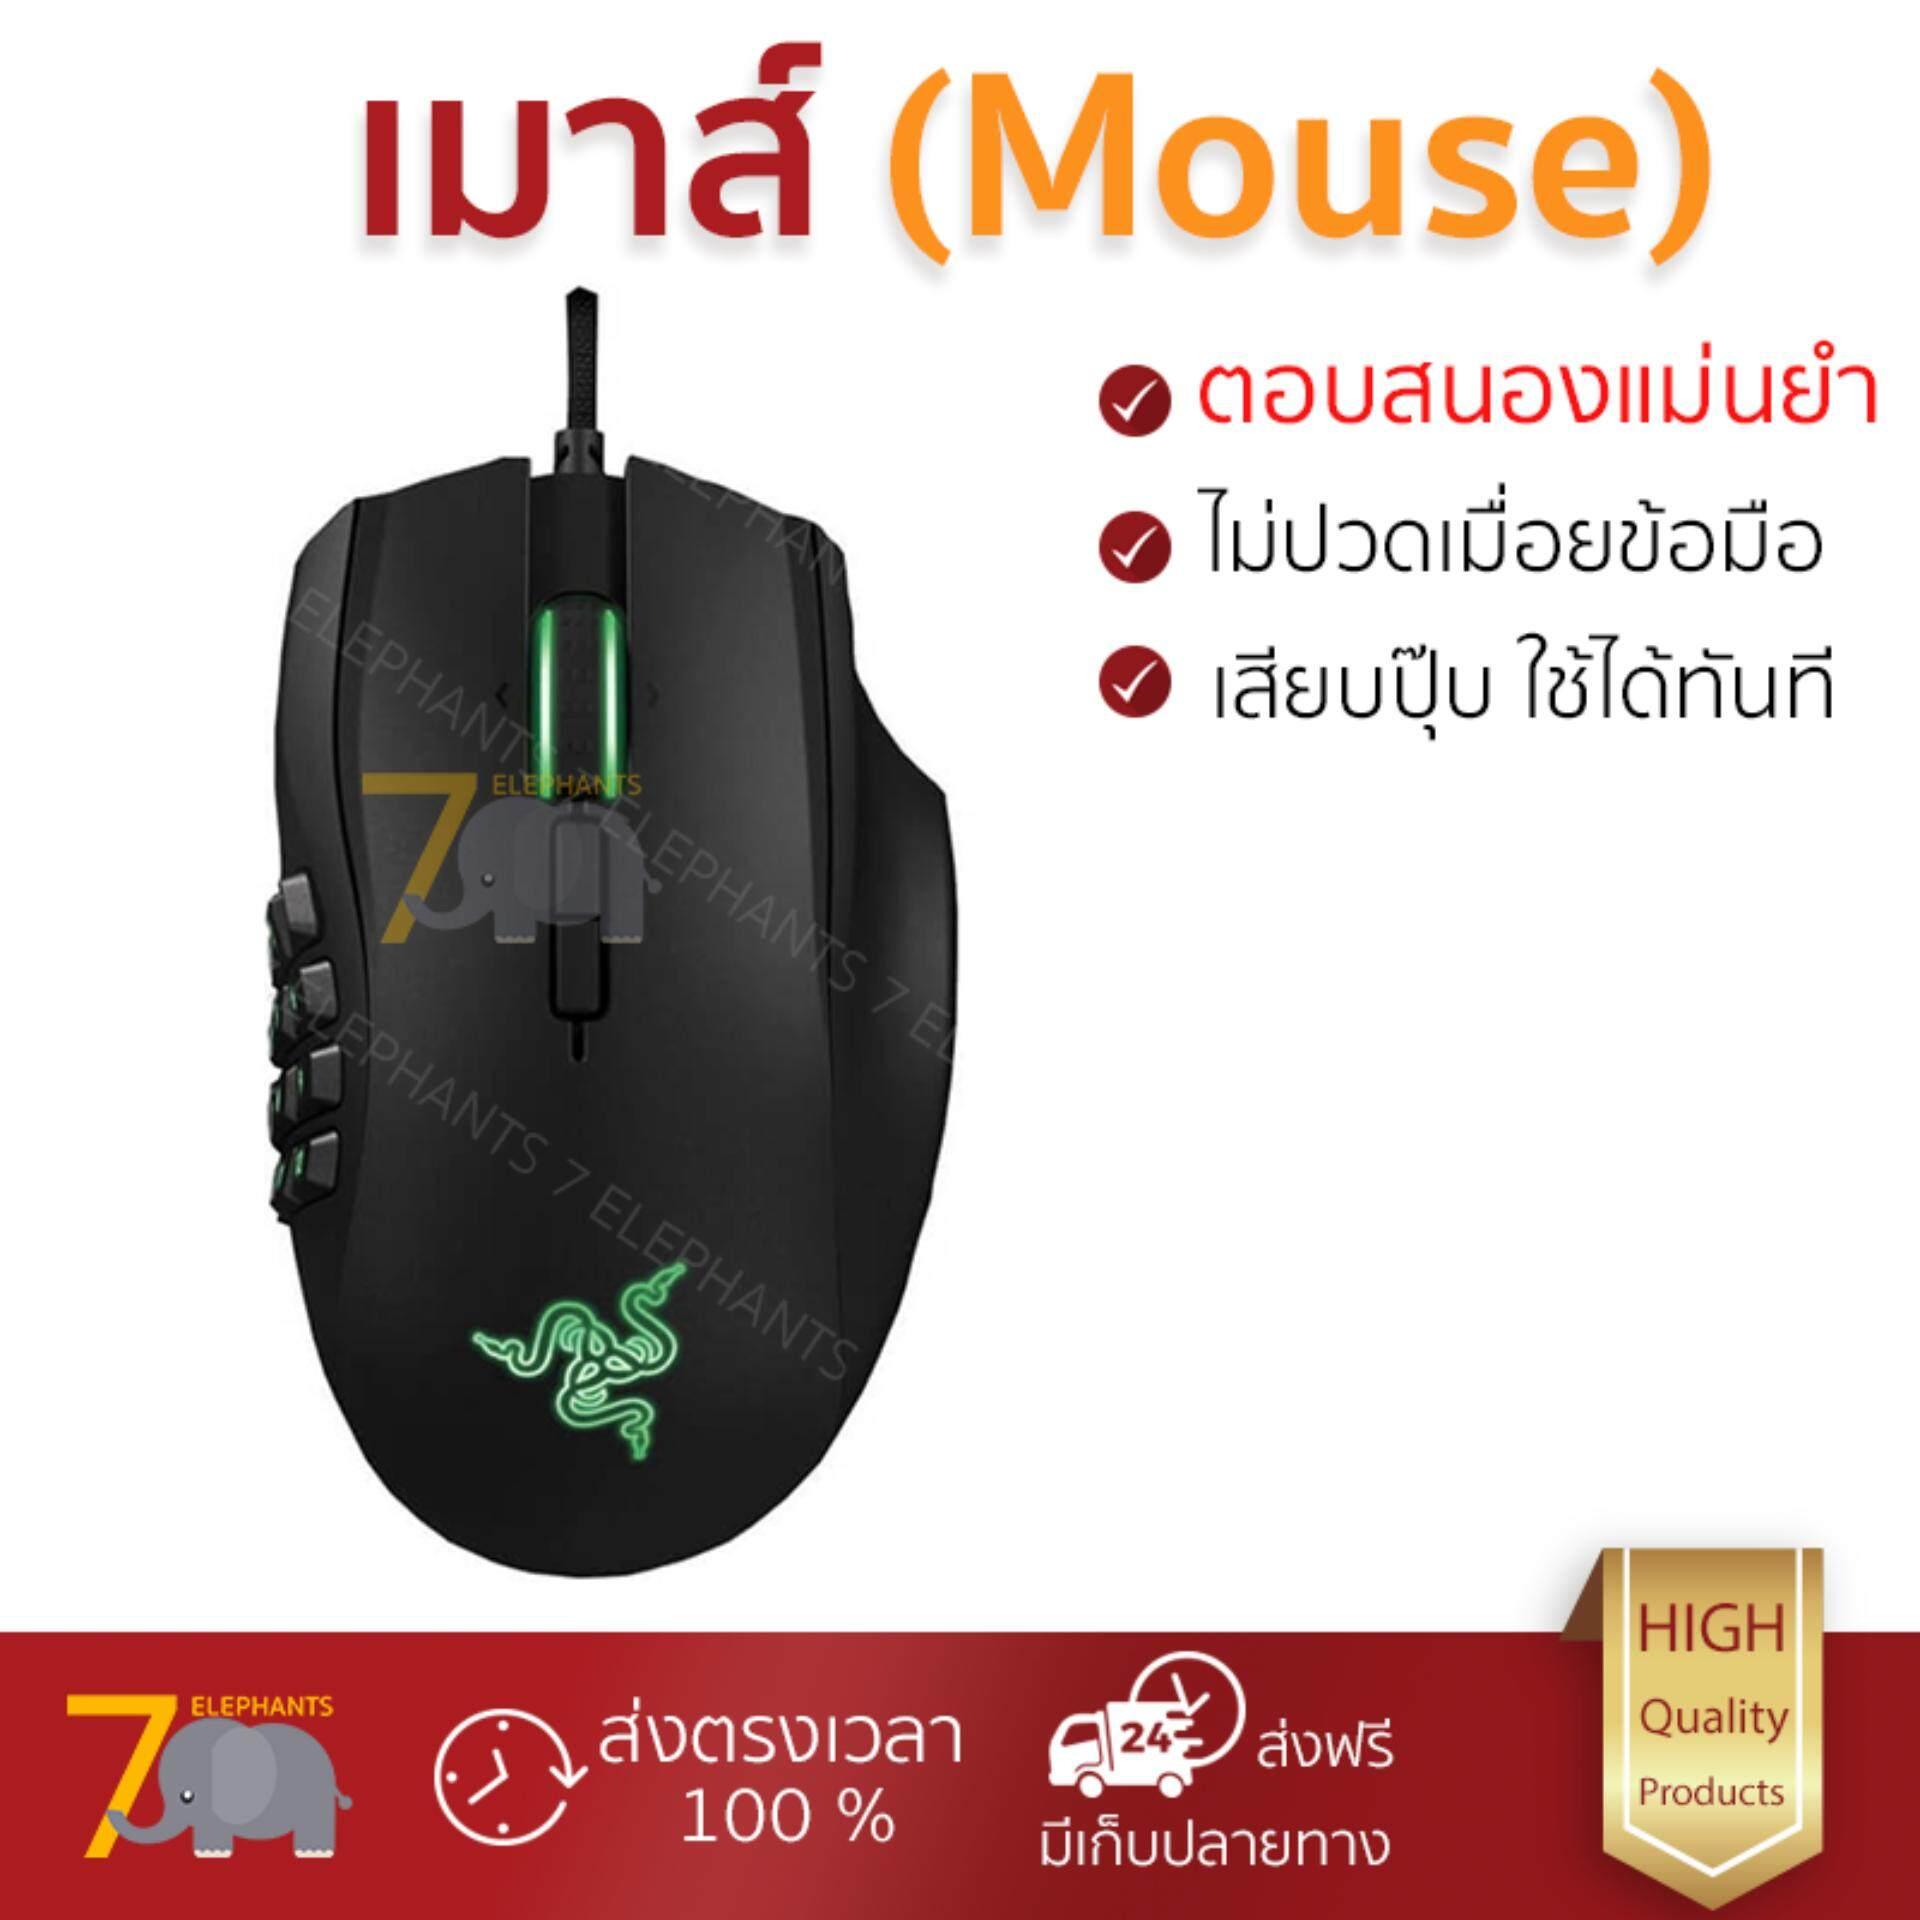 สุดยอดสินค้า!! รุ่นใหม่ล่าสุด เมาส์           RAZER เกมมิ่งเมาส์ (สีดำ) รุ่น Naga             เซนเซอร์คุณภาพสูง ทำงานได้ลื่นไหล ไม่มีสะดุด Computer Mouse  รับประกันสินค้า 1 ปี จัดส่งฟรี Kerry ทั่วประเ